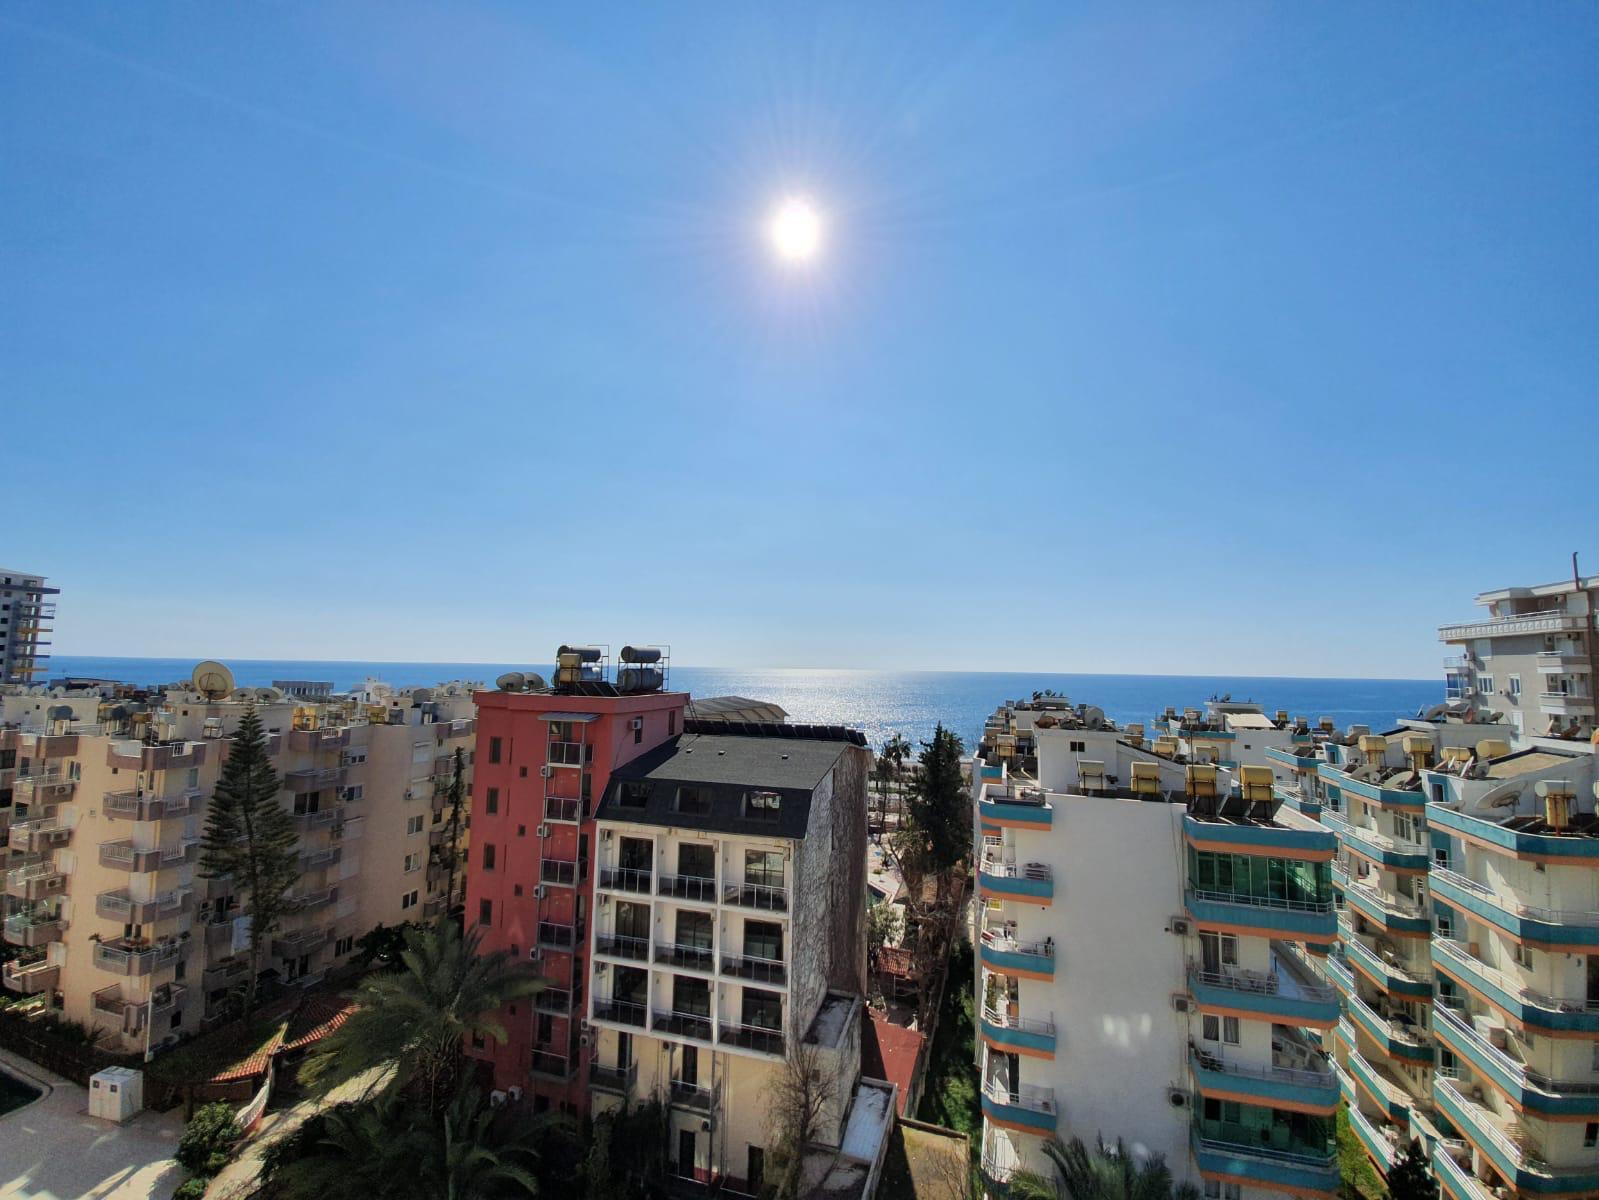 Полностью меблированная трехкомнатная квартира с панорамным видом на море